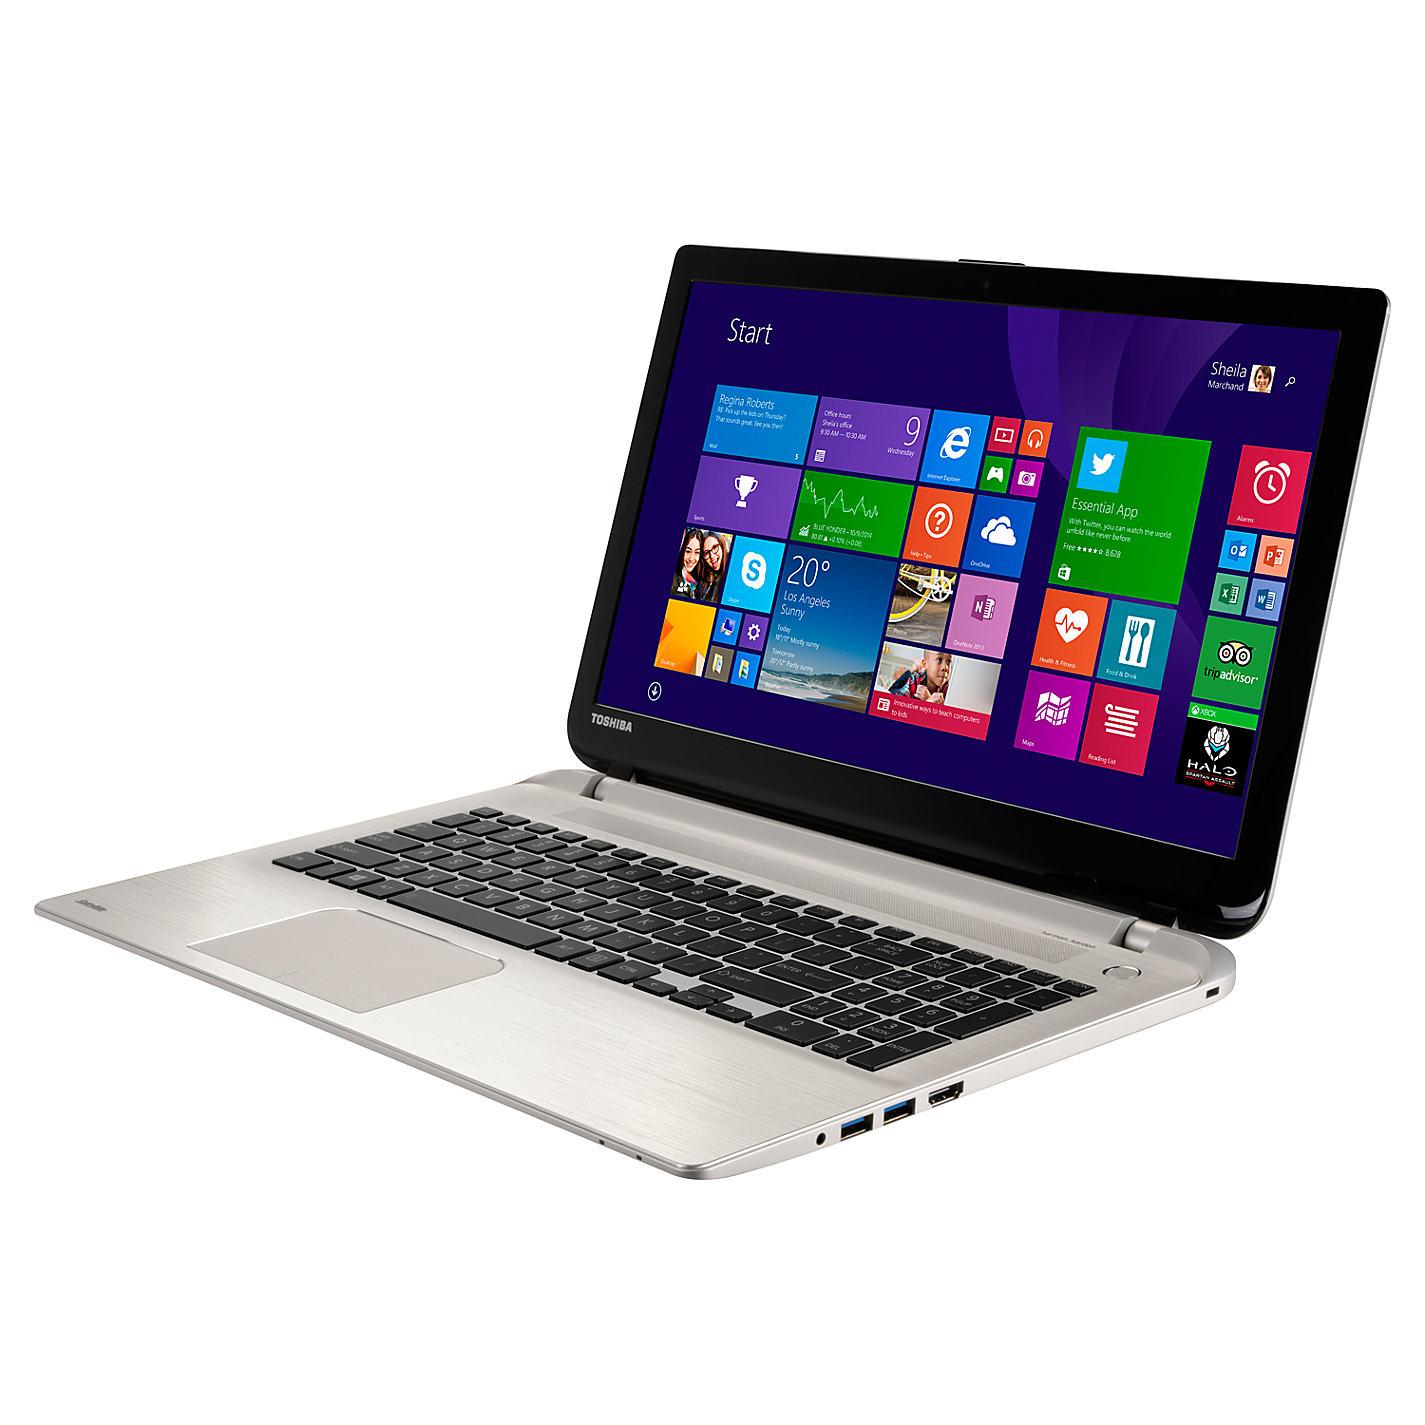 Τα ιδανικά laptop για εσένα στο eshop